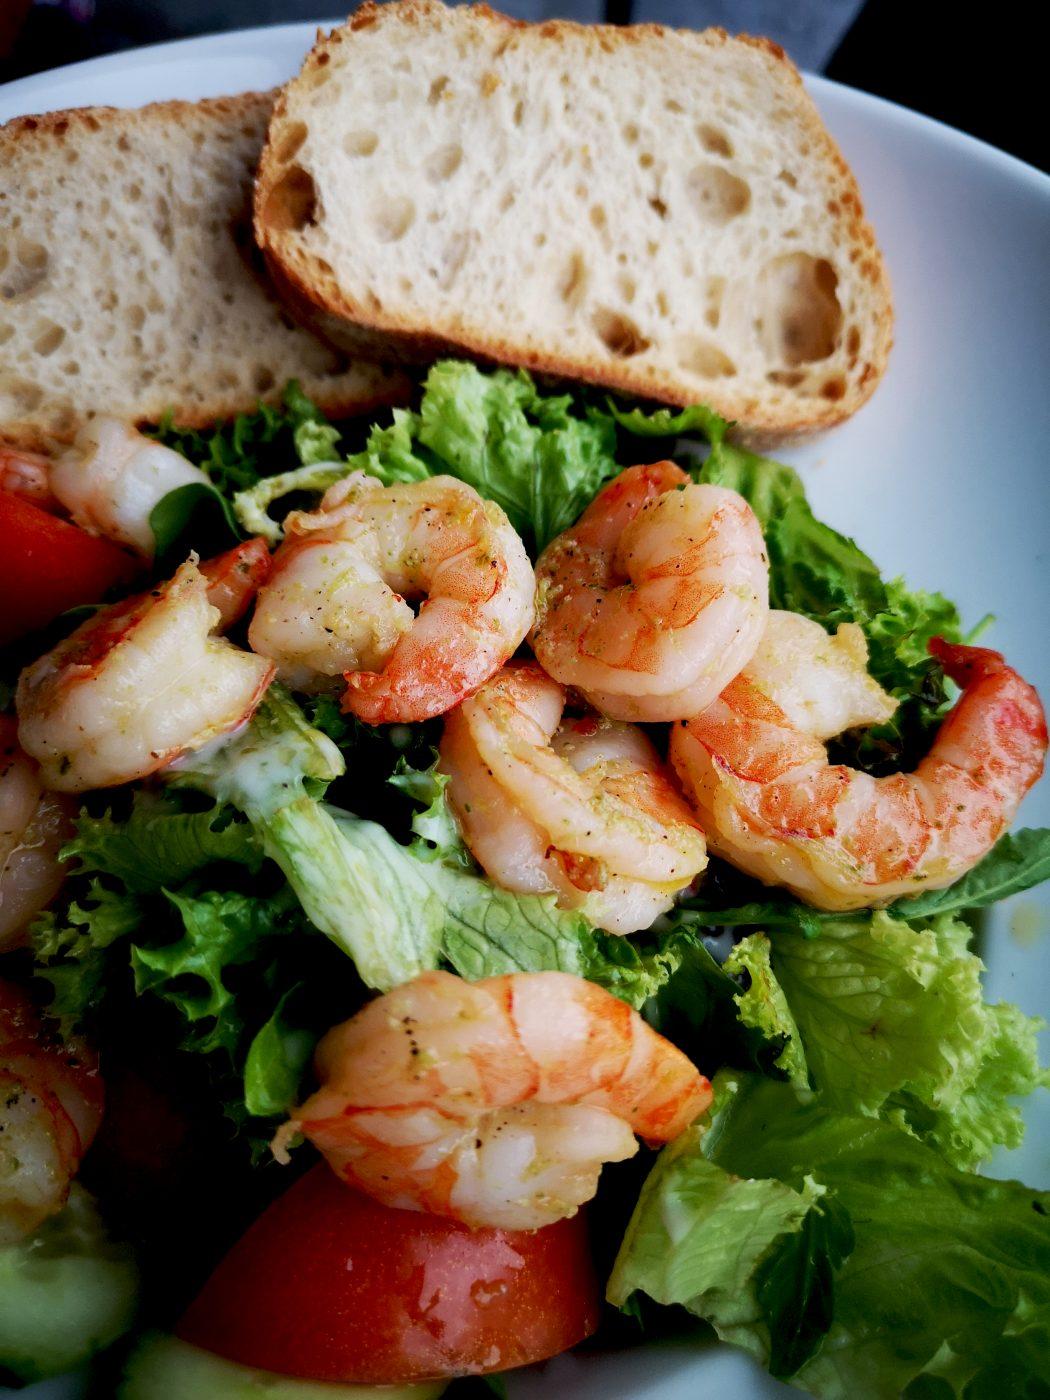 Das Bild zeigt einen Salat mit Scampi